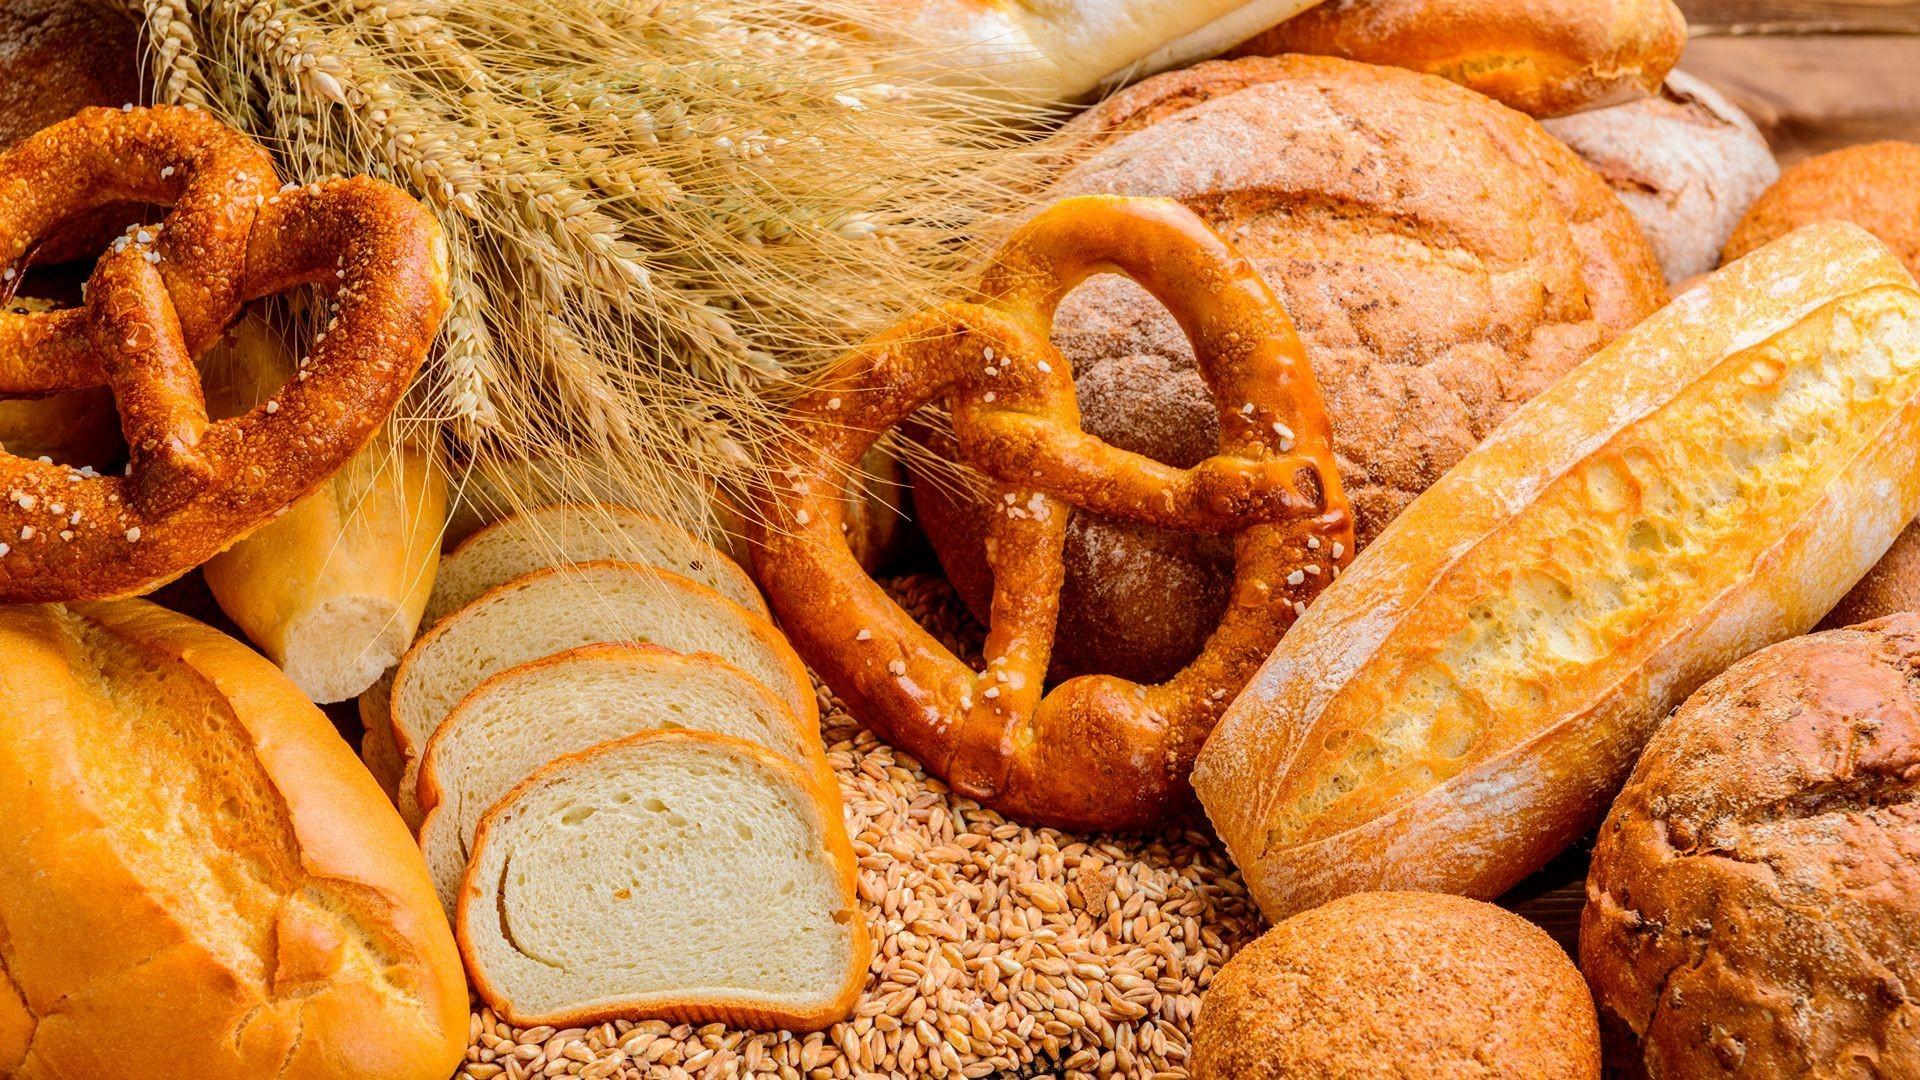 Panadería y pastelería en Linares